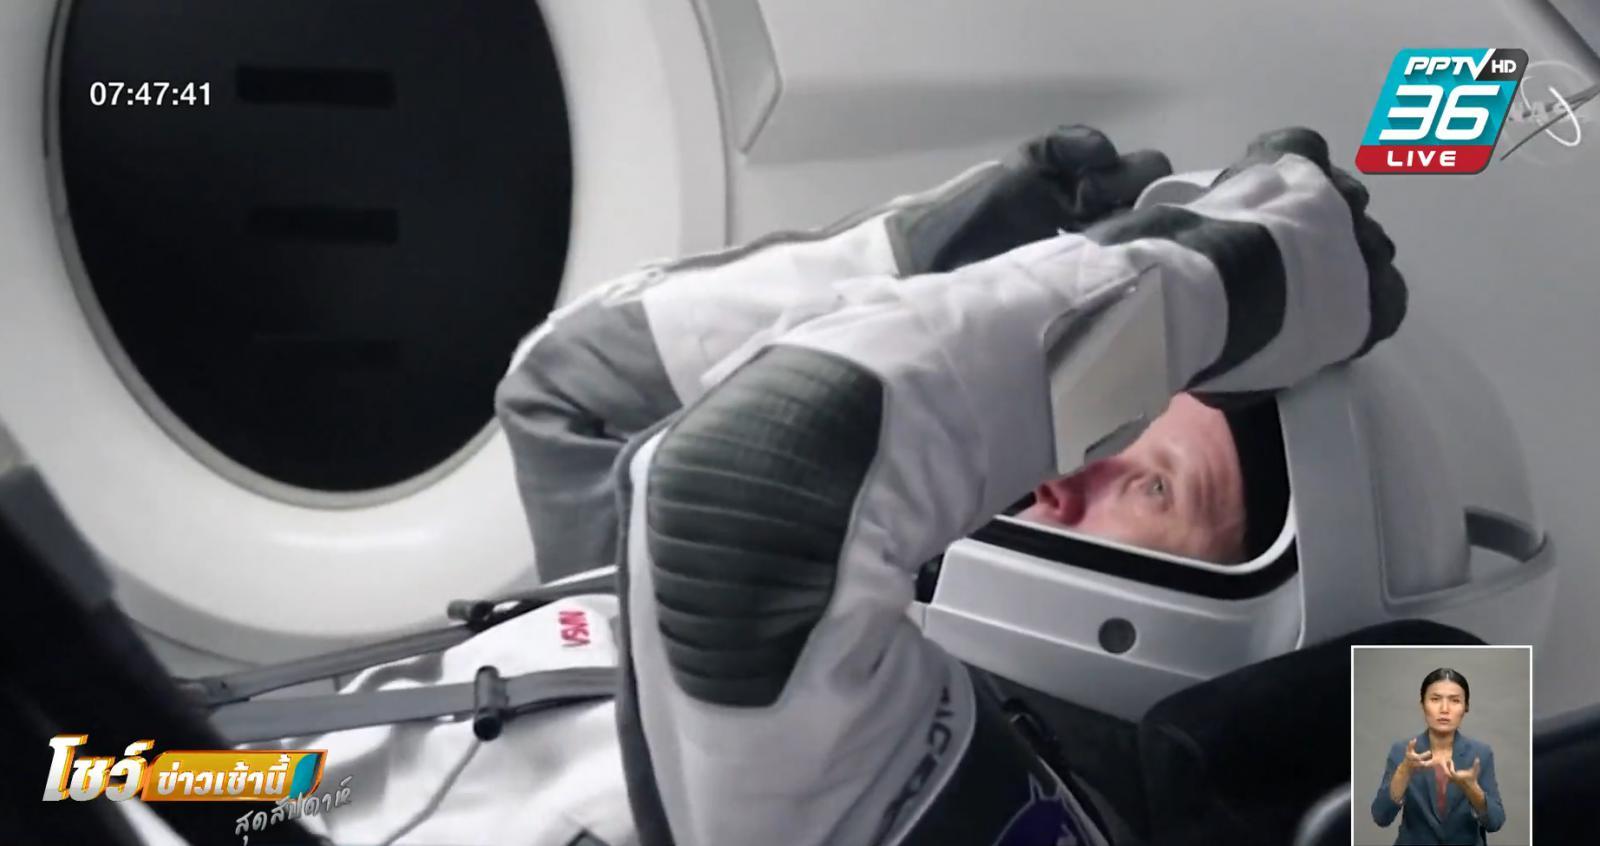 สเปซเอ็กซ์ เตรียมส่งยานแคปซูลพร้อมนักบินอวกาศครั้งแรก